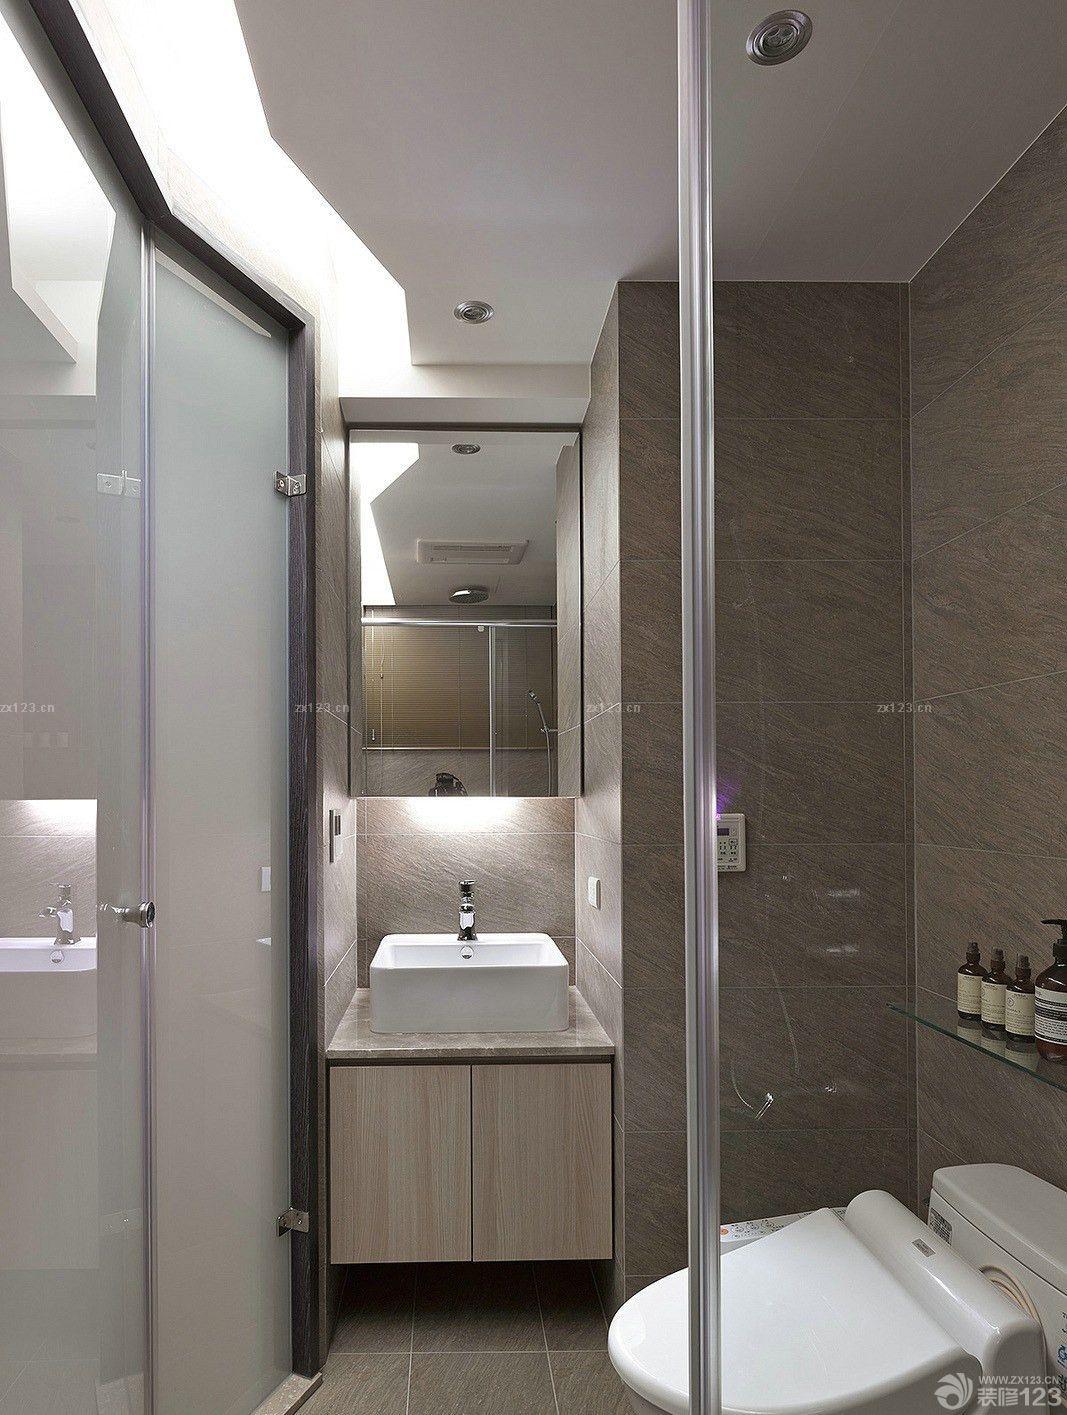 酒店式公寓厕所装修效果图 设计456装修效果图